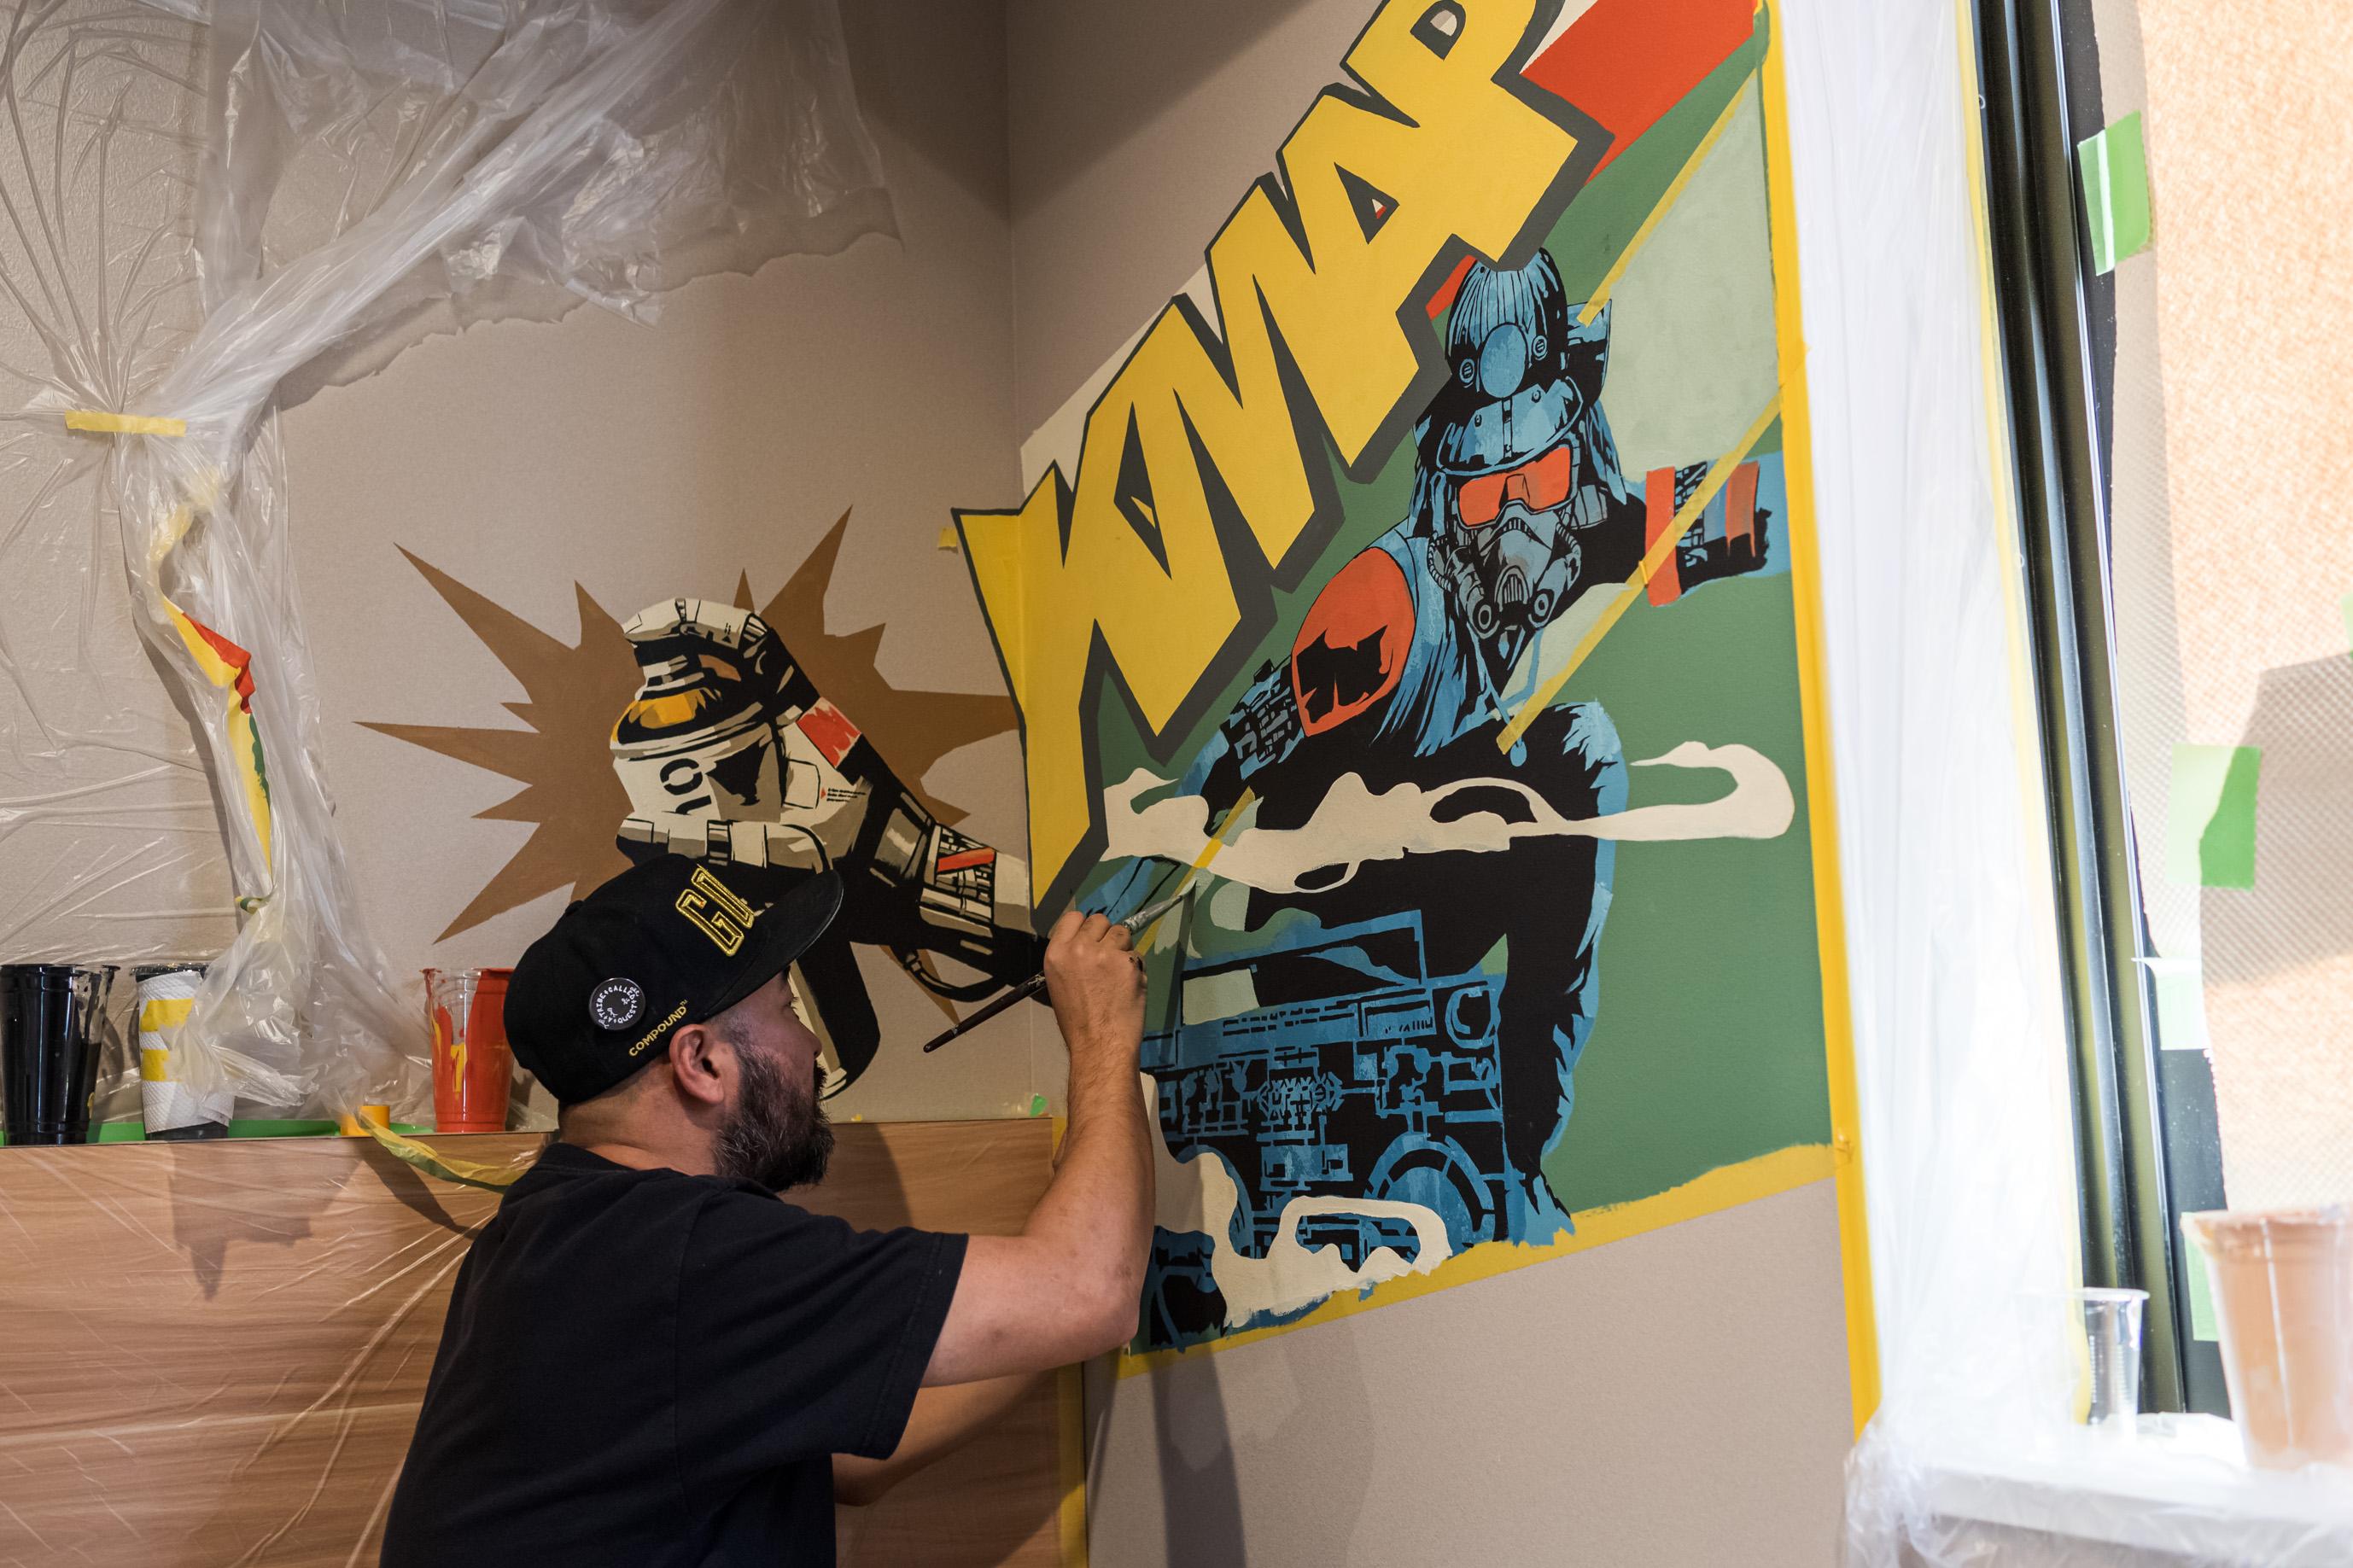 実際に部屋の壁に作品を描く様子(写真提供:縁道)